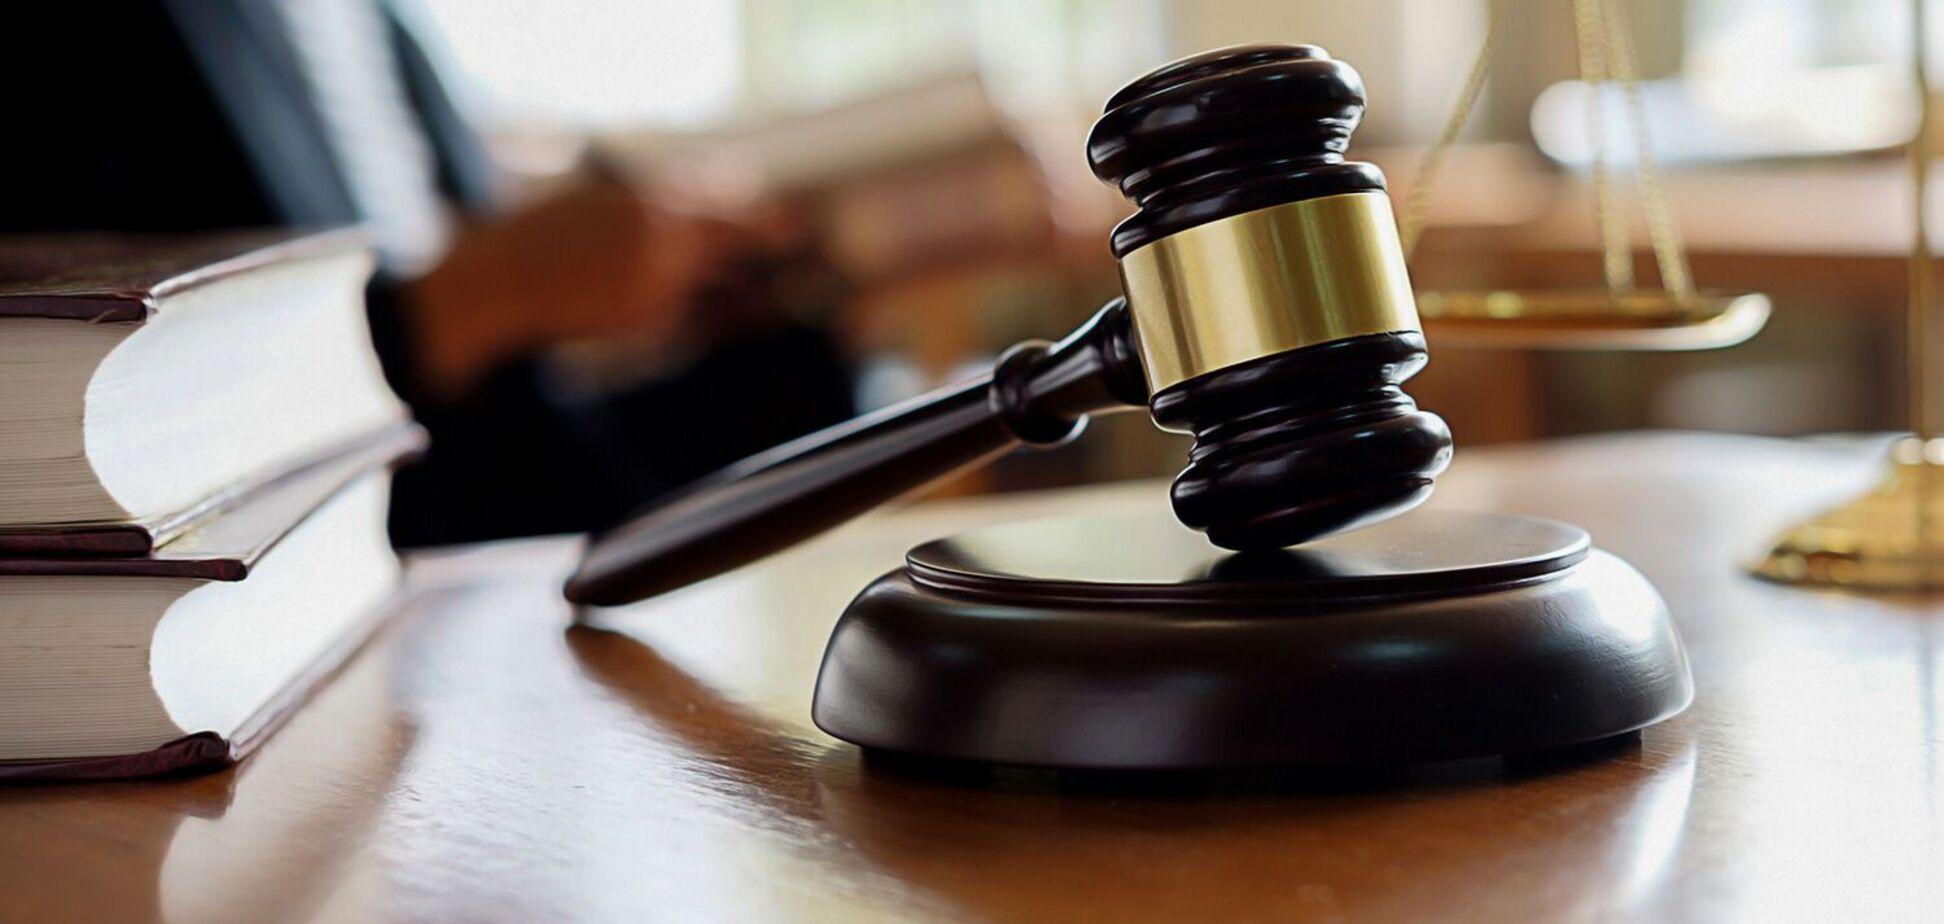 Печерский районный суд Киева обязал выплатить 130 млн грн из бюджета сыну Головача